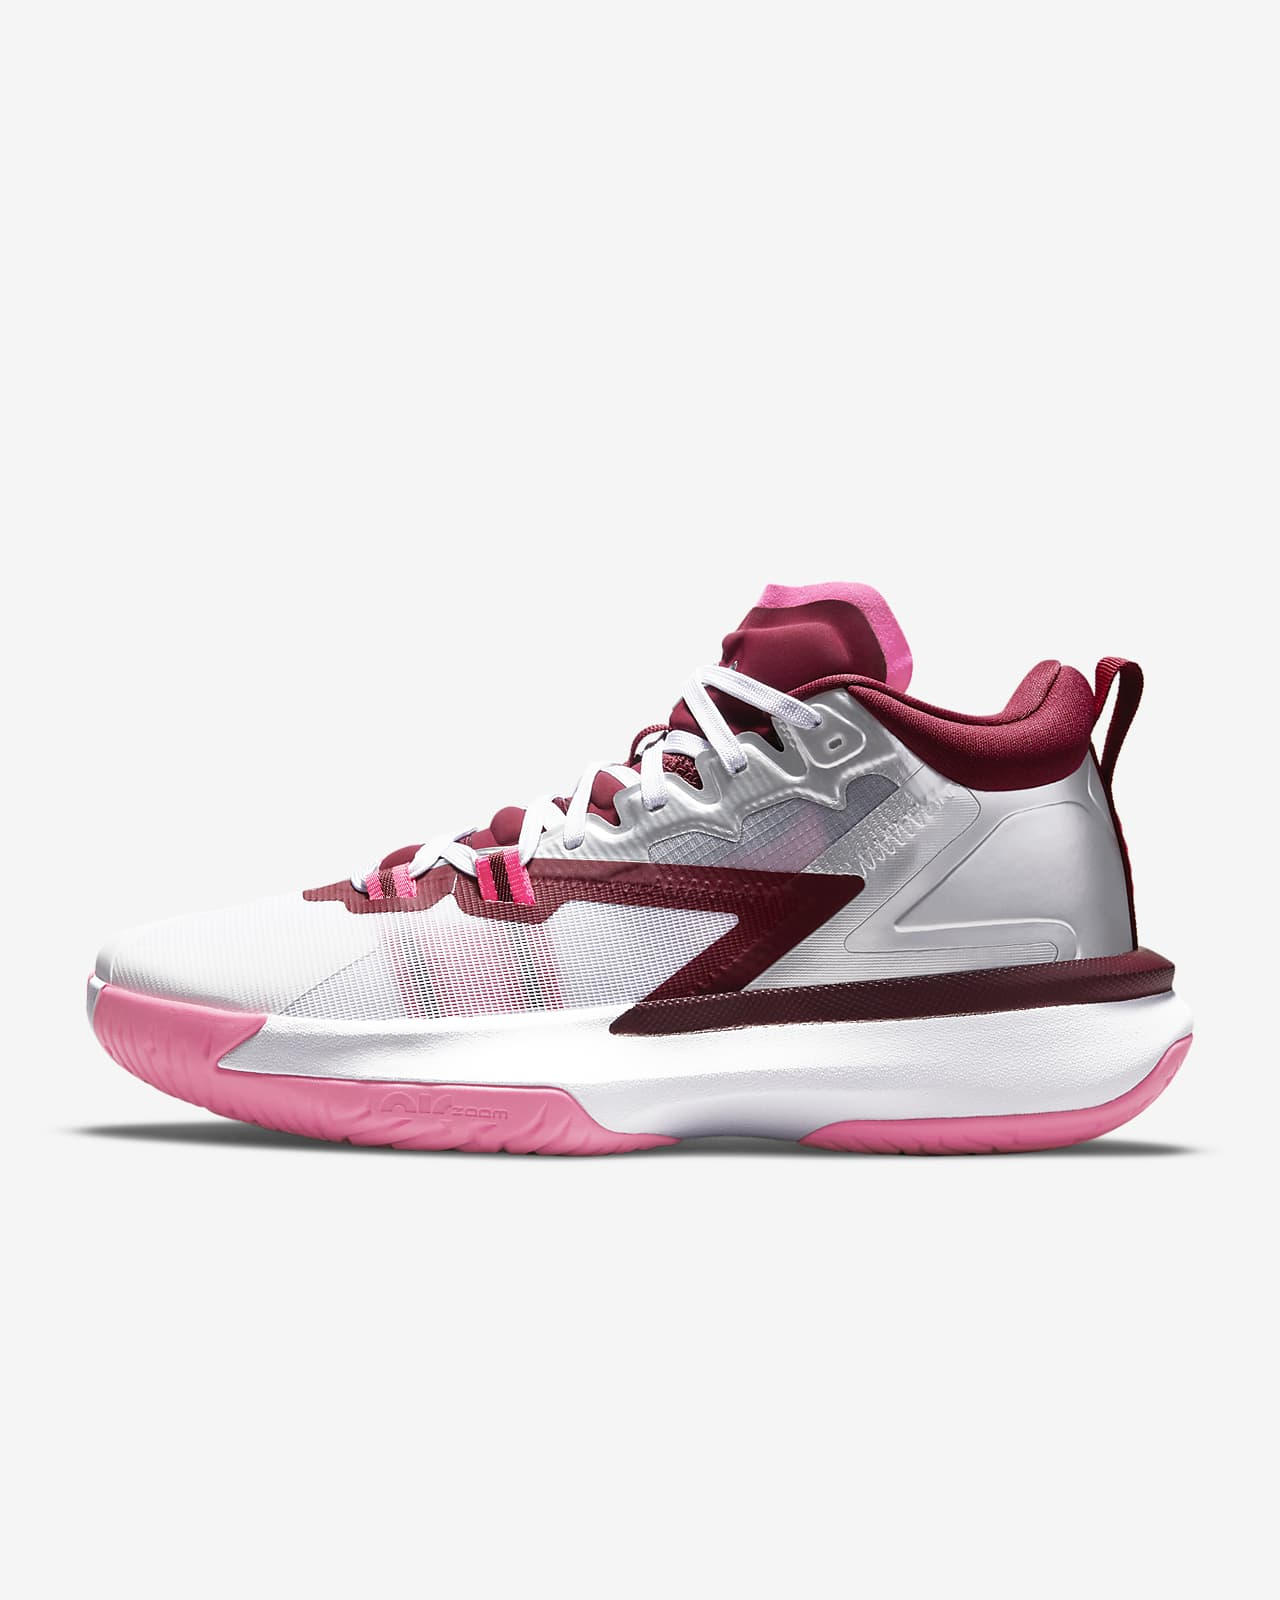 Zion 1 PF 籃球鞋